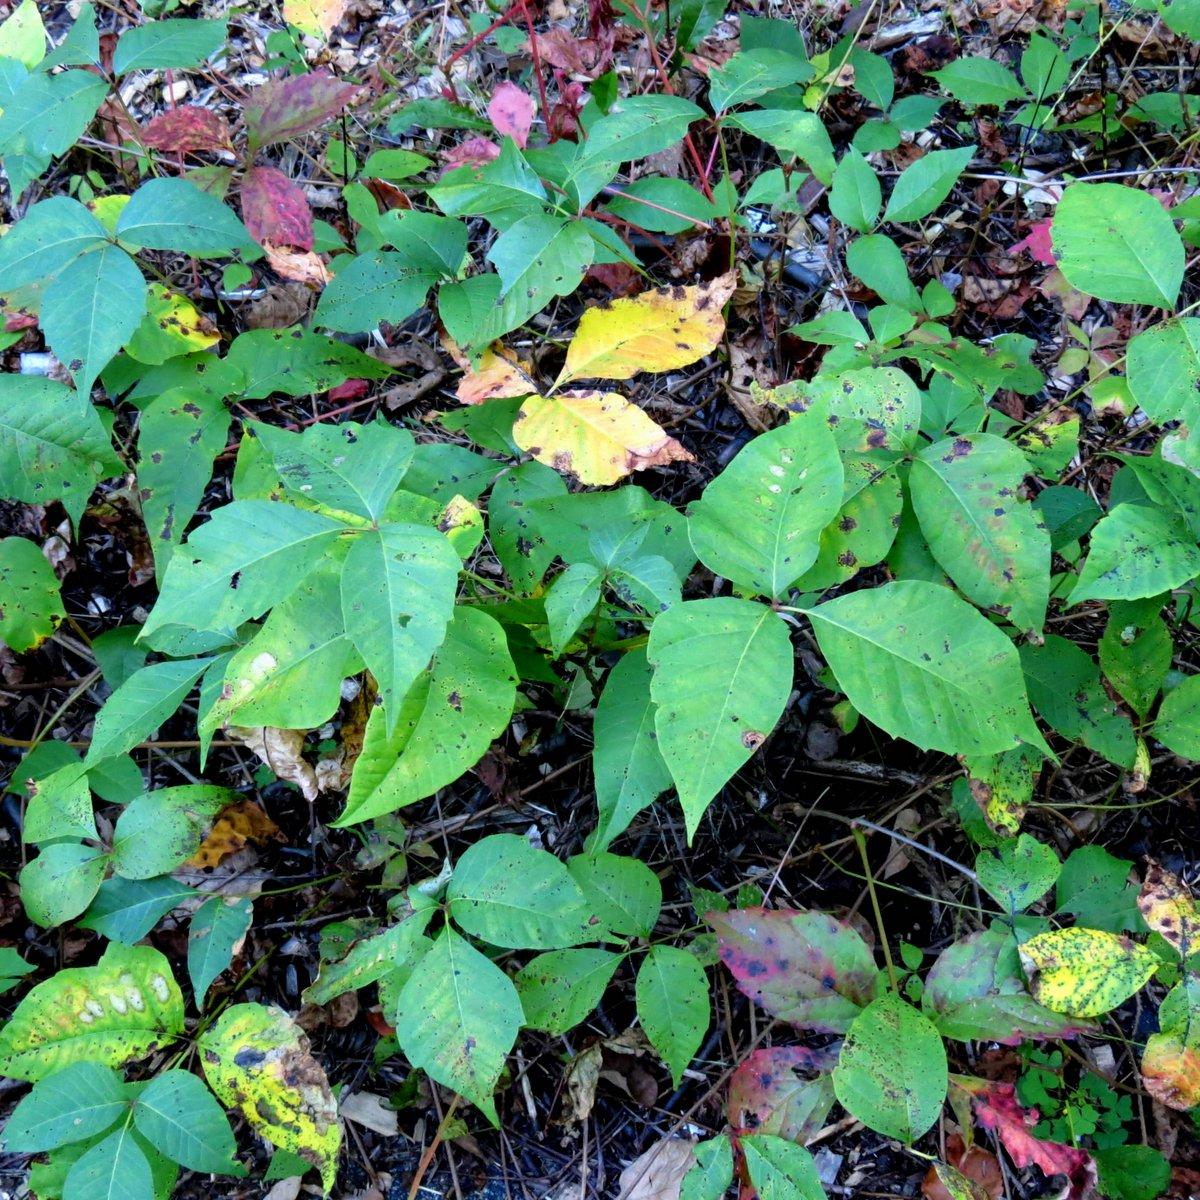 3. Poison Ivy